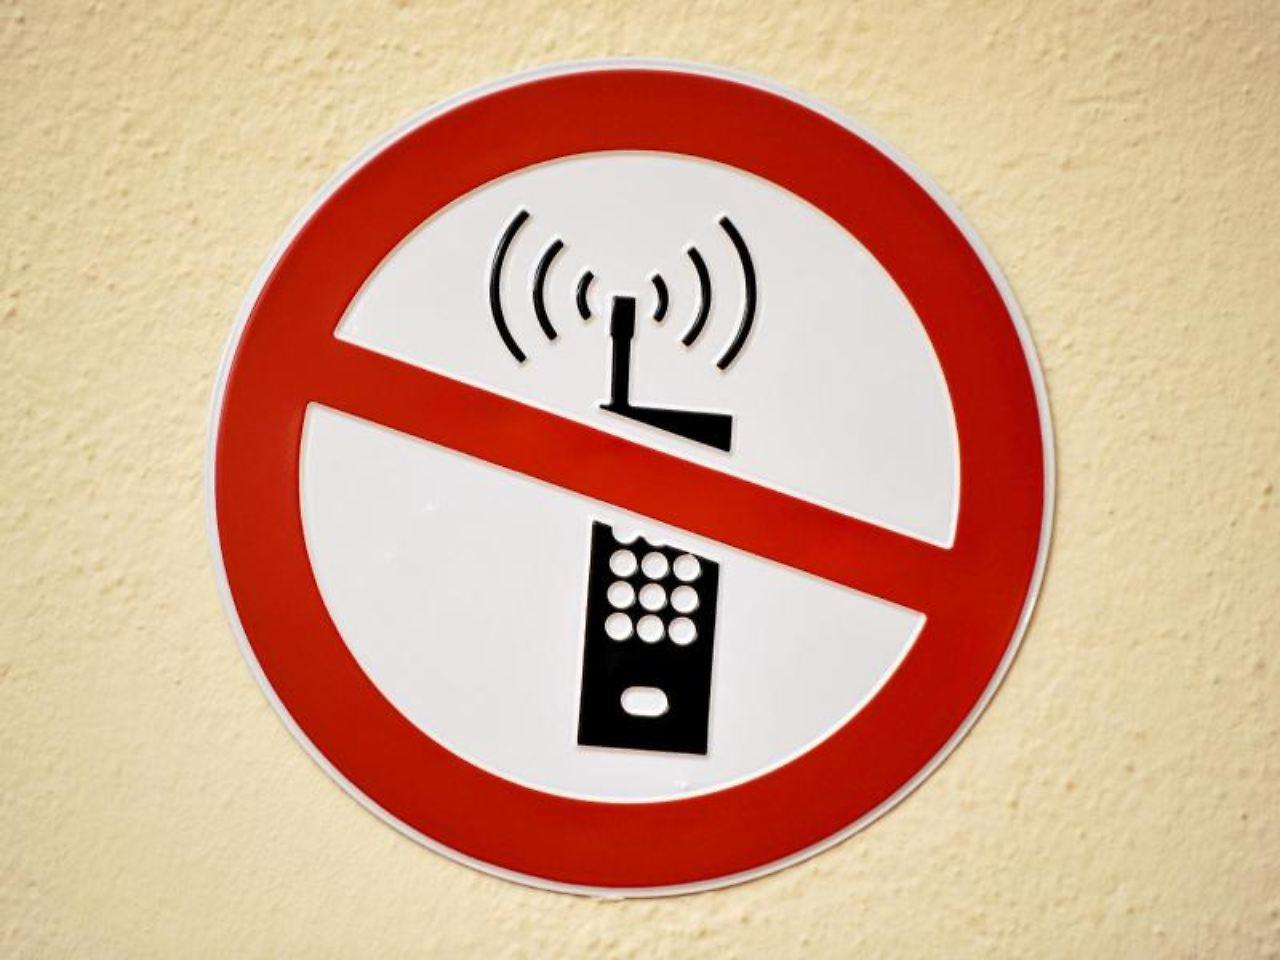 ende der ruhe telefonieren im flugzeug soll erlaubt werden n. Black Bedroom Furniture Sets. Home Design Ideas